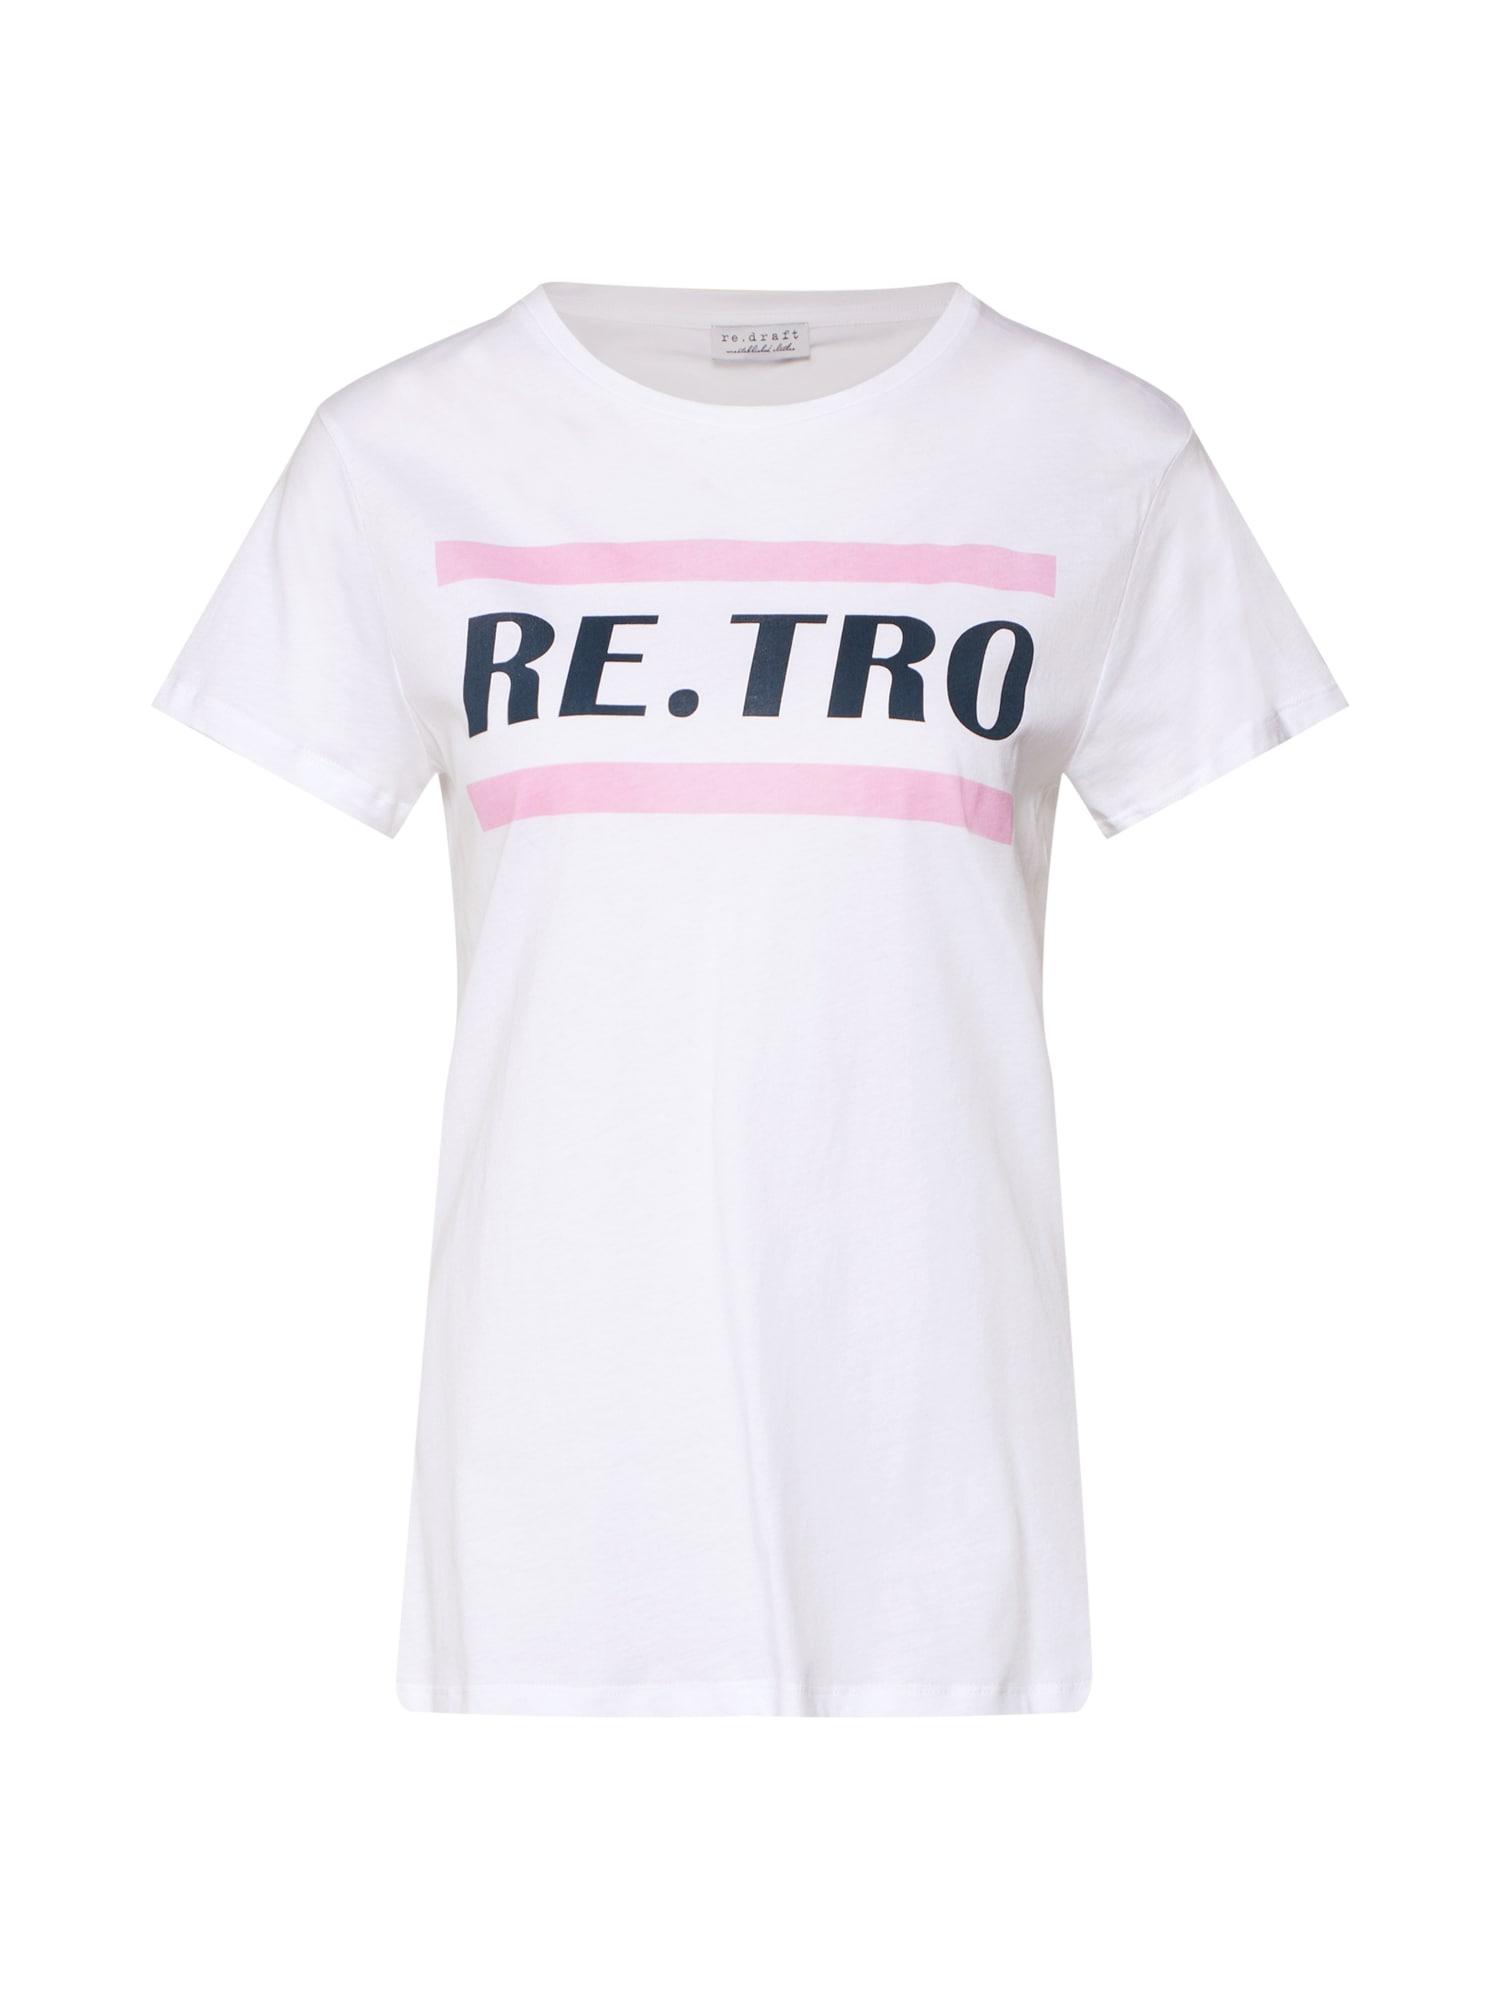 Tričko Retro pink bílá Re.draft